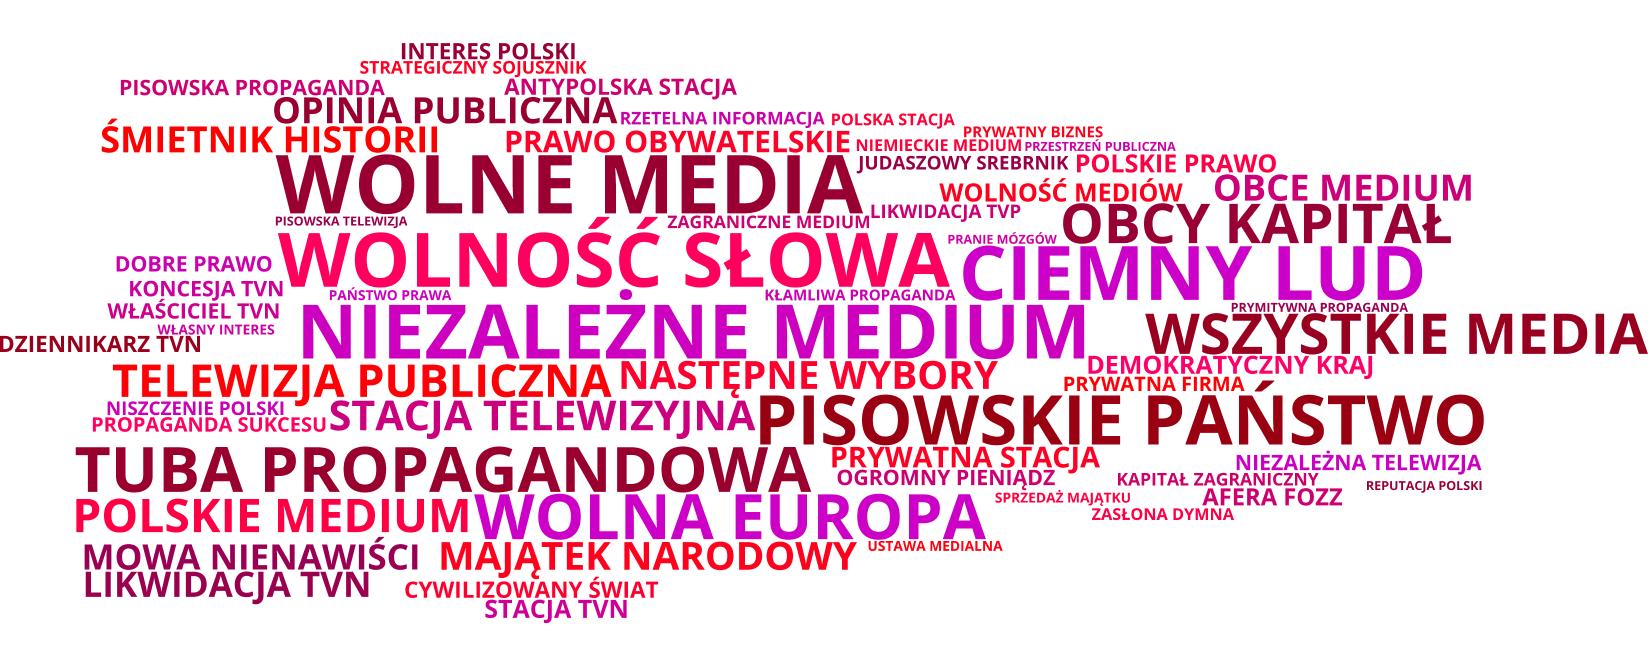 wolne media tvn24 ciemny lud stan wojenny pis unia europejska wiadomości tvp tuba propagandowa